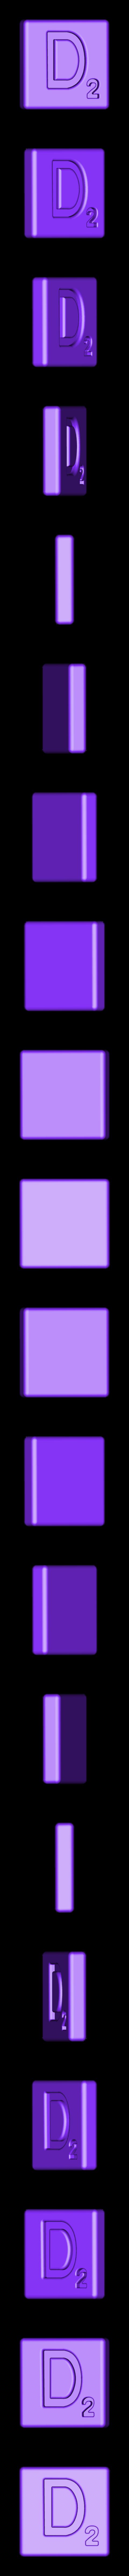 Single_Cut_D.STL Télécharger fichier STL gratuit Pièces et support SCRABBBLE • Design pour imprimante 3D, Balkhagal4D